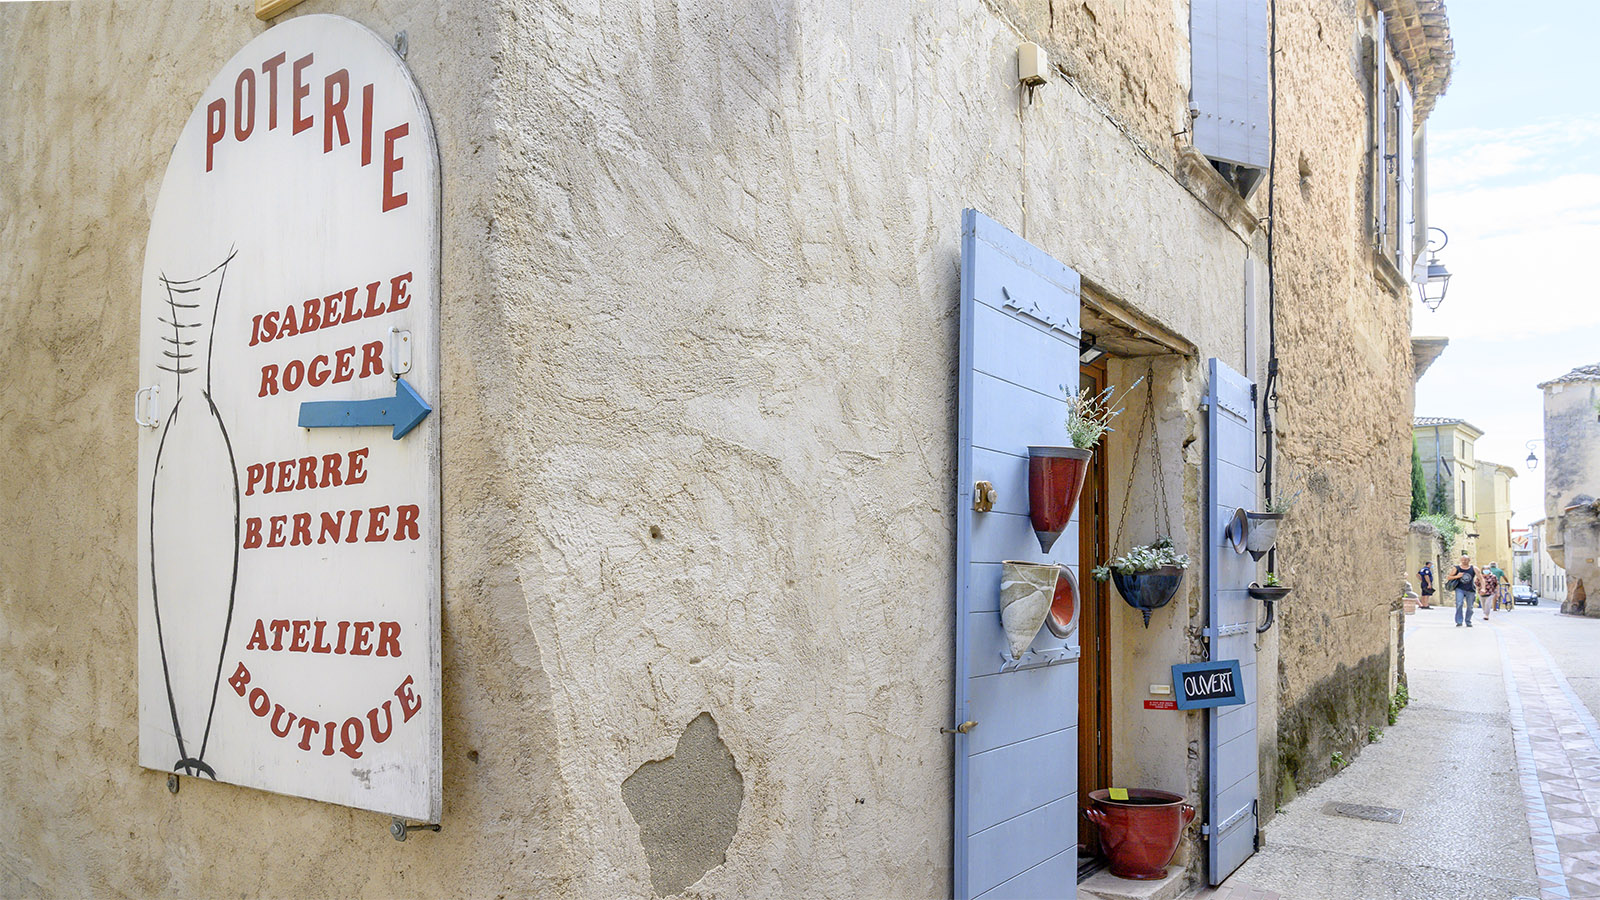 Saint-Quentin-la-Poterie. Foto: Hilke Maunder